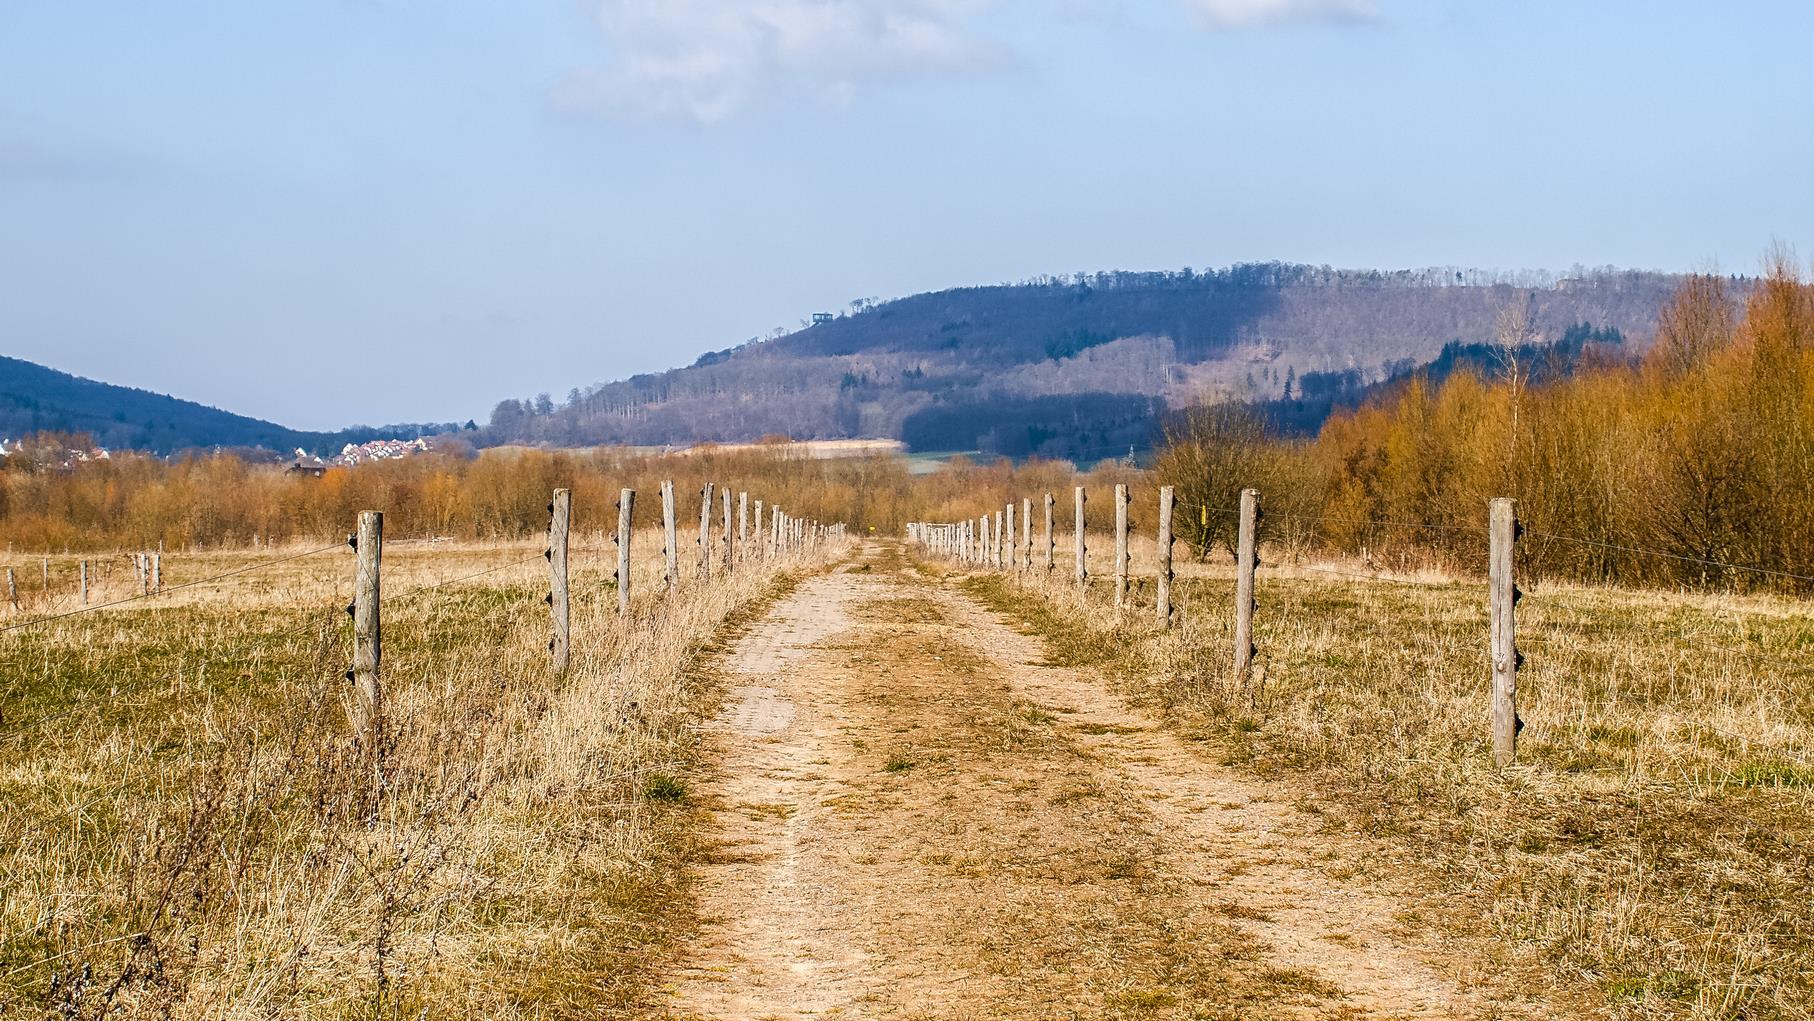 Der Stichweg mit den Weidepfählen, die auf beiden Seiten aufgestellt worden sind, damit sich die Weidetiere dort aufhalten können.